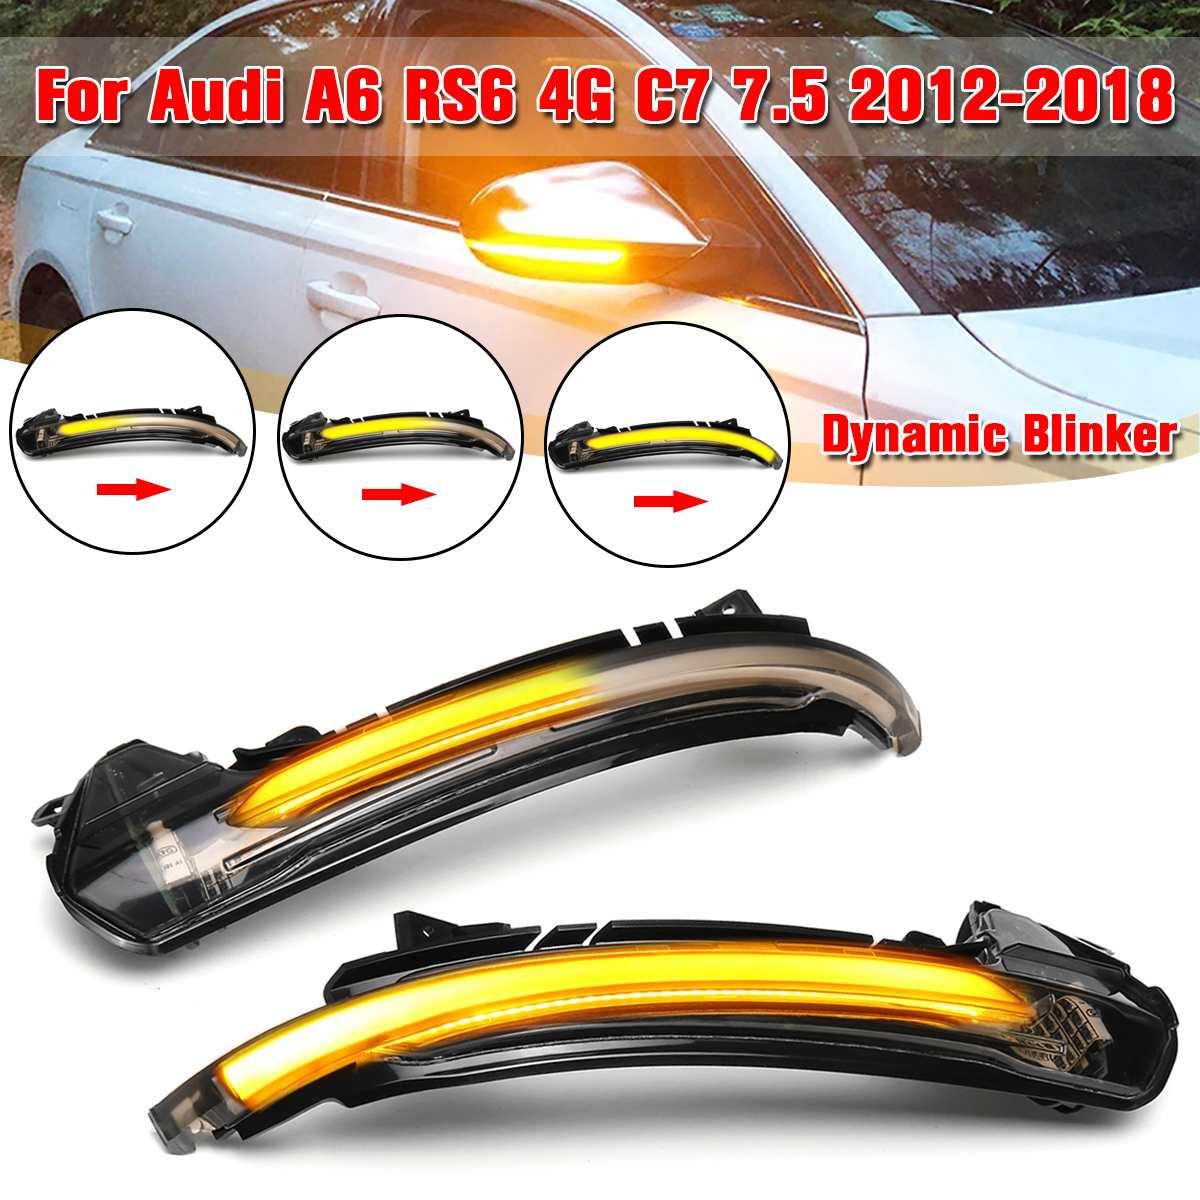 2 pièces LED Dynamique Clignotant Rétroviseur Indicateur Clignotant pour Audi A6 RS6 4G C7 7.5 2012 2013 2014 2015 2016 2017 2018